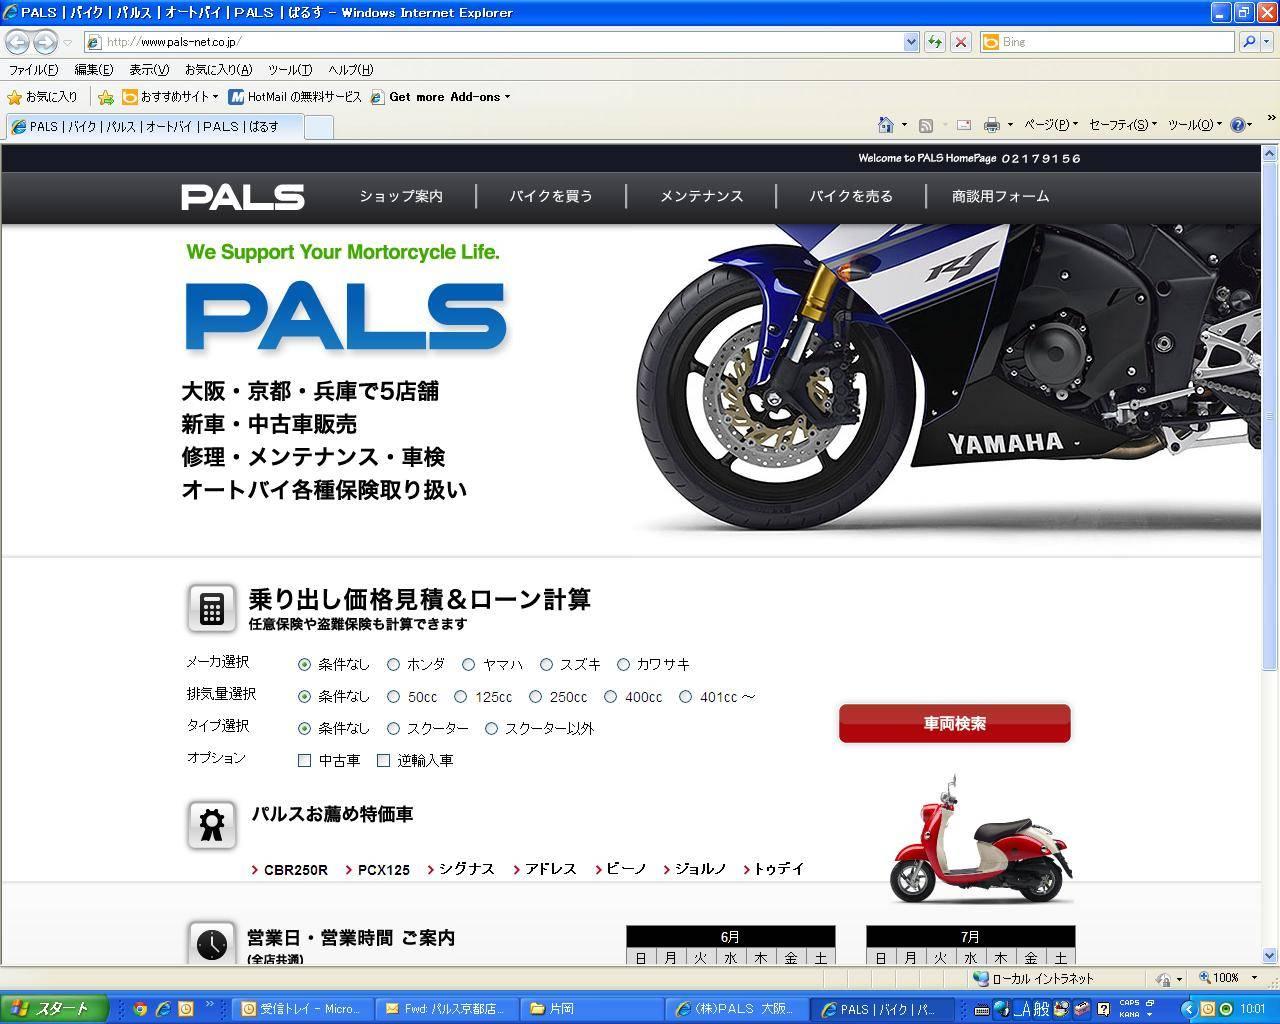 (株)PALS